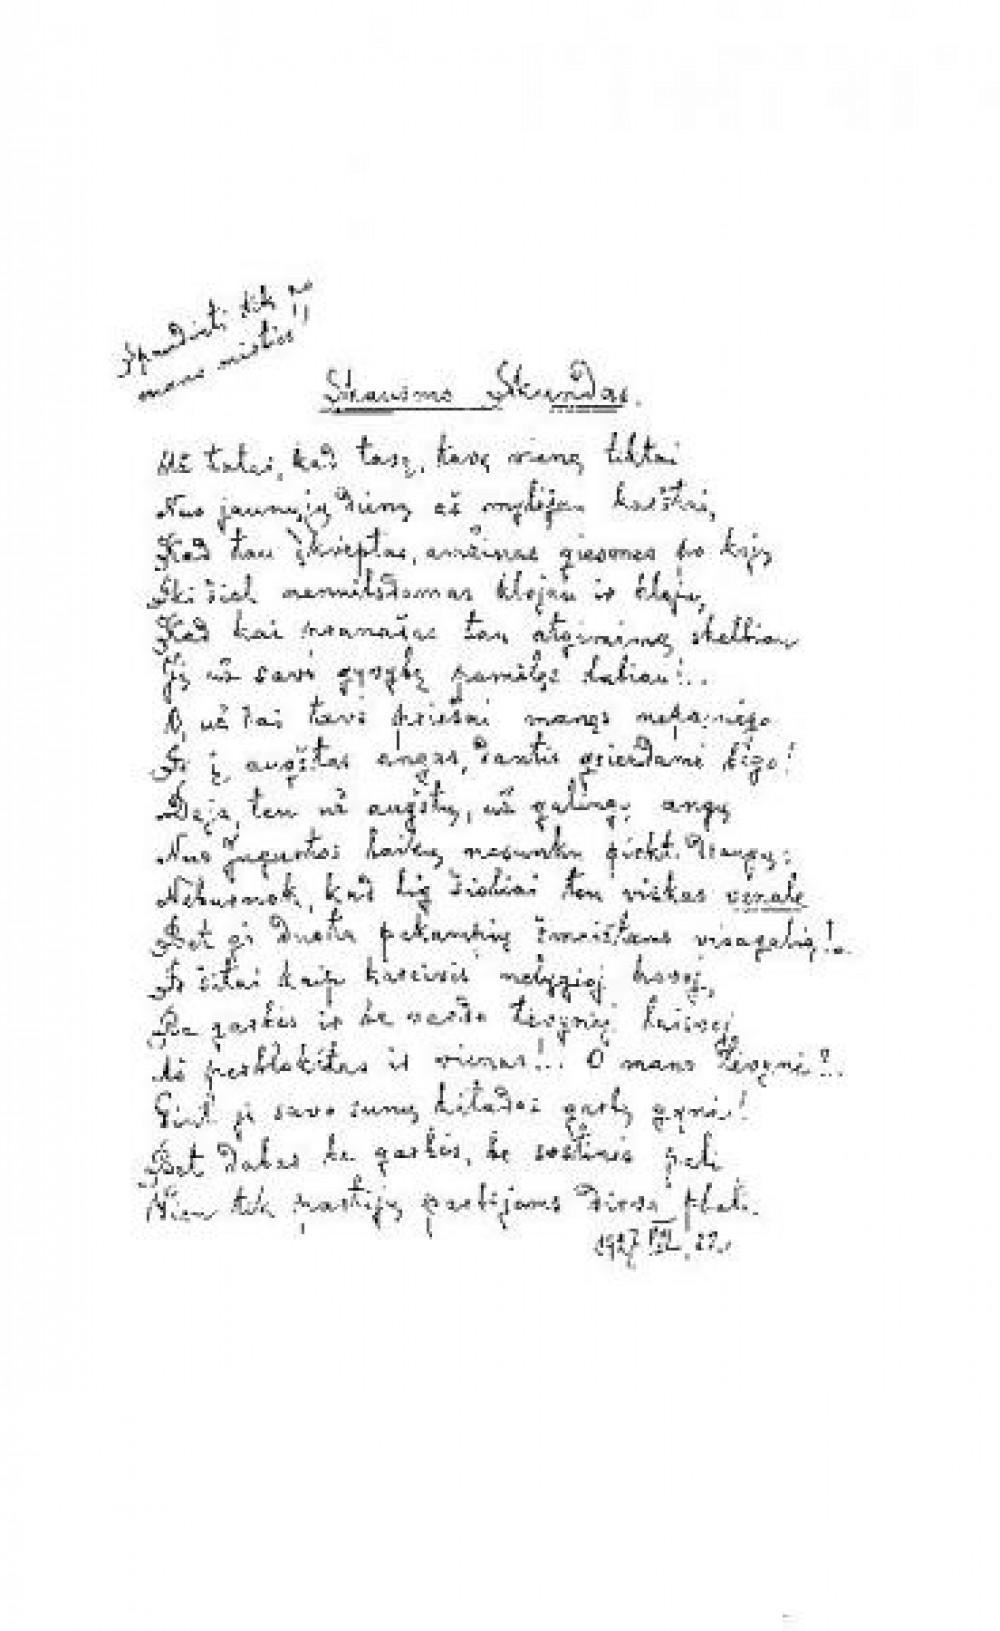 """Eilėraštis """"Skausmo skundas"""", kurį poetas prašė publikuoti tik po jo mirties"""